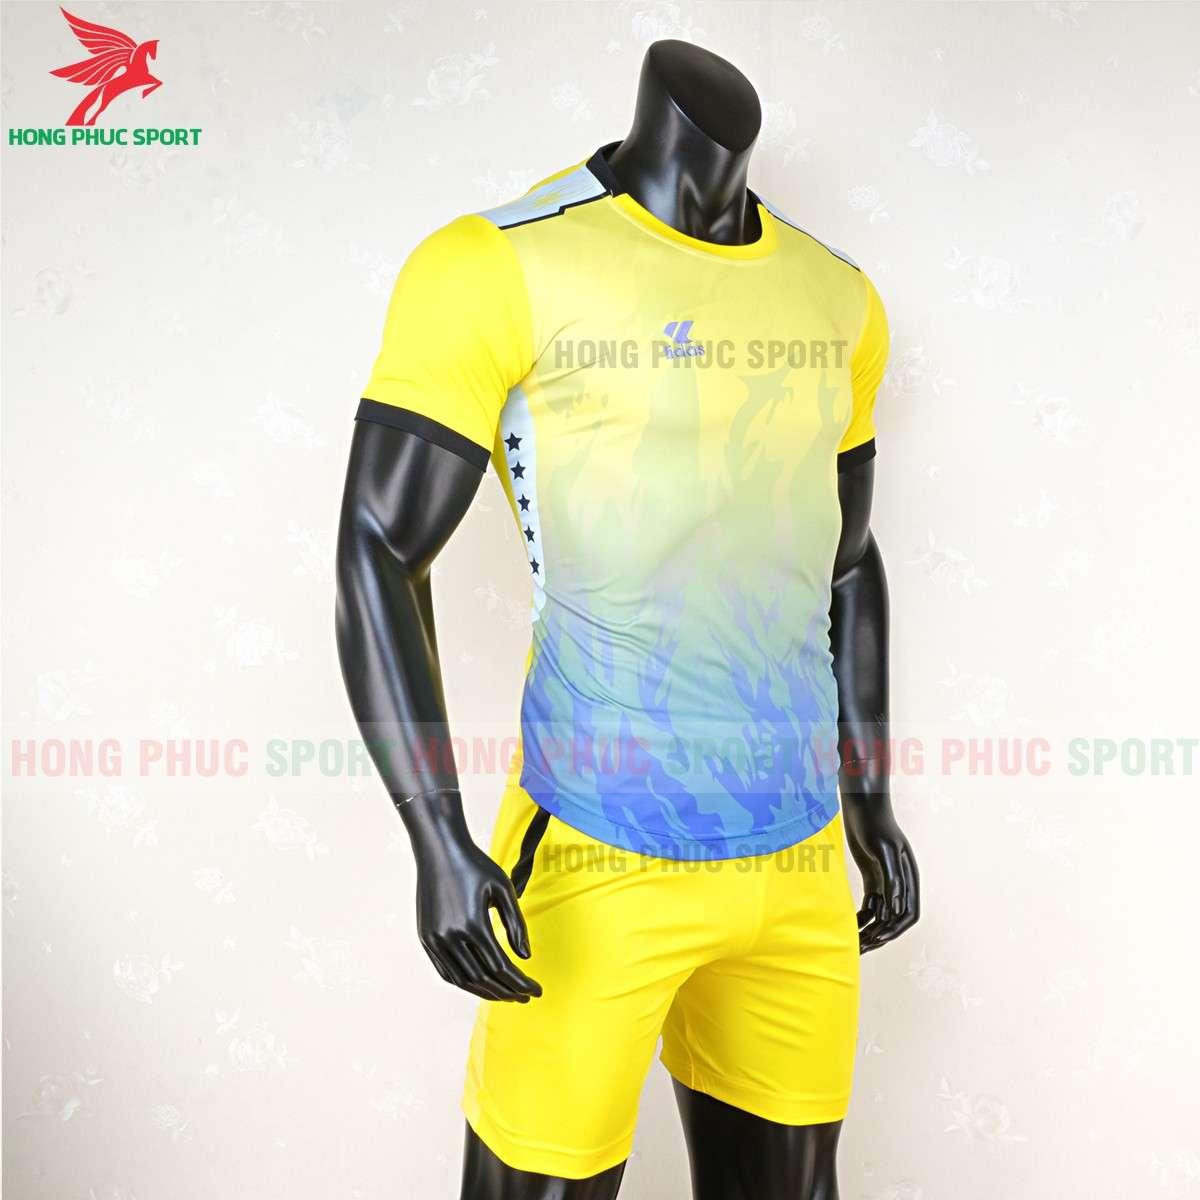 Mẫu áo đá banh không logo Lidas 089 màu vàng xanh